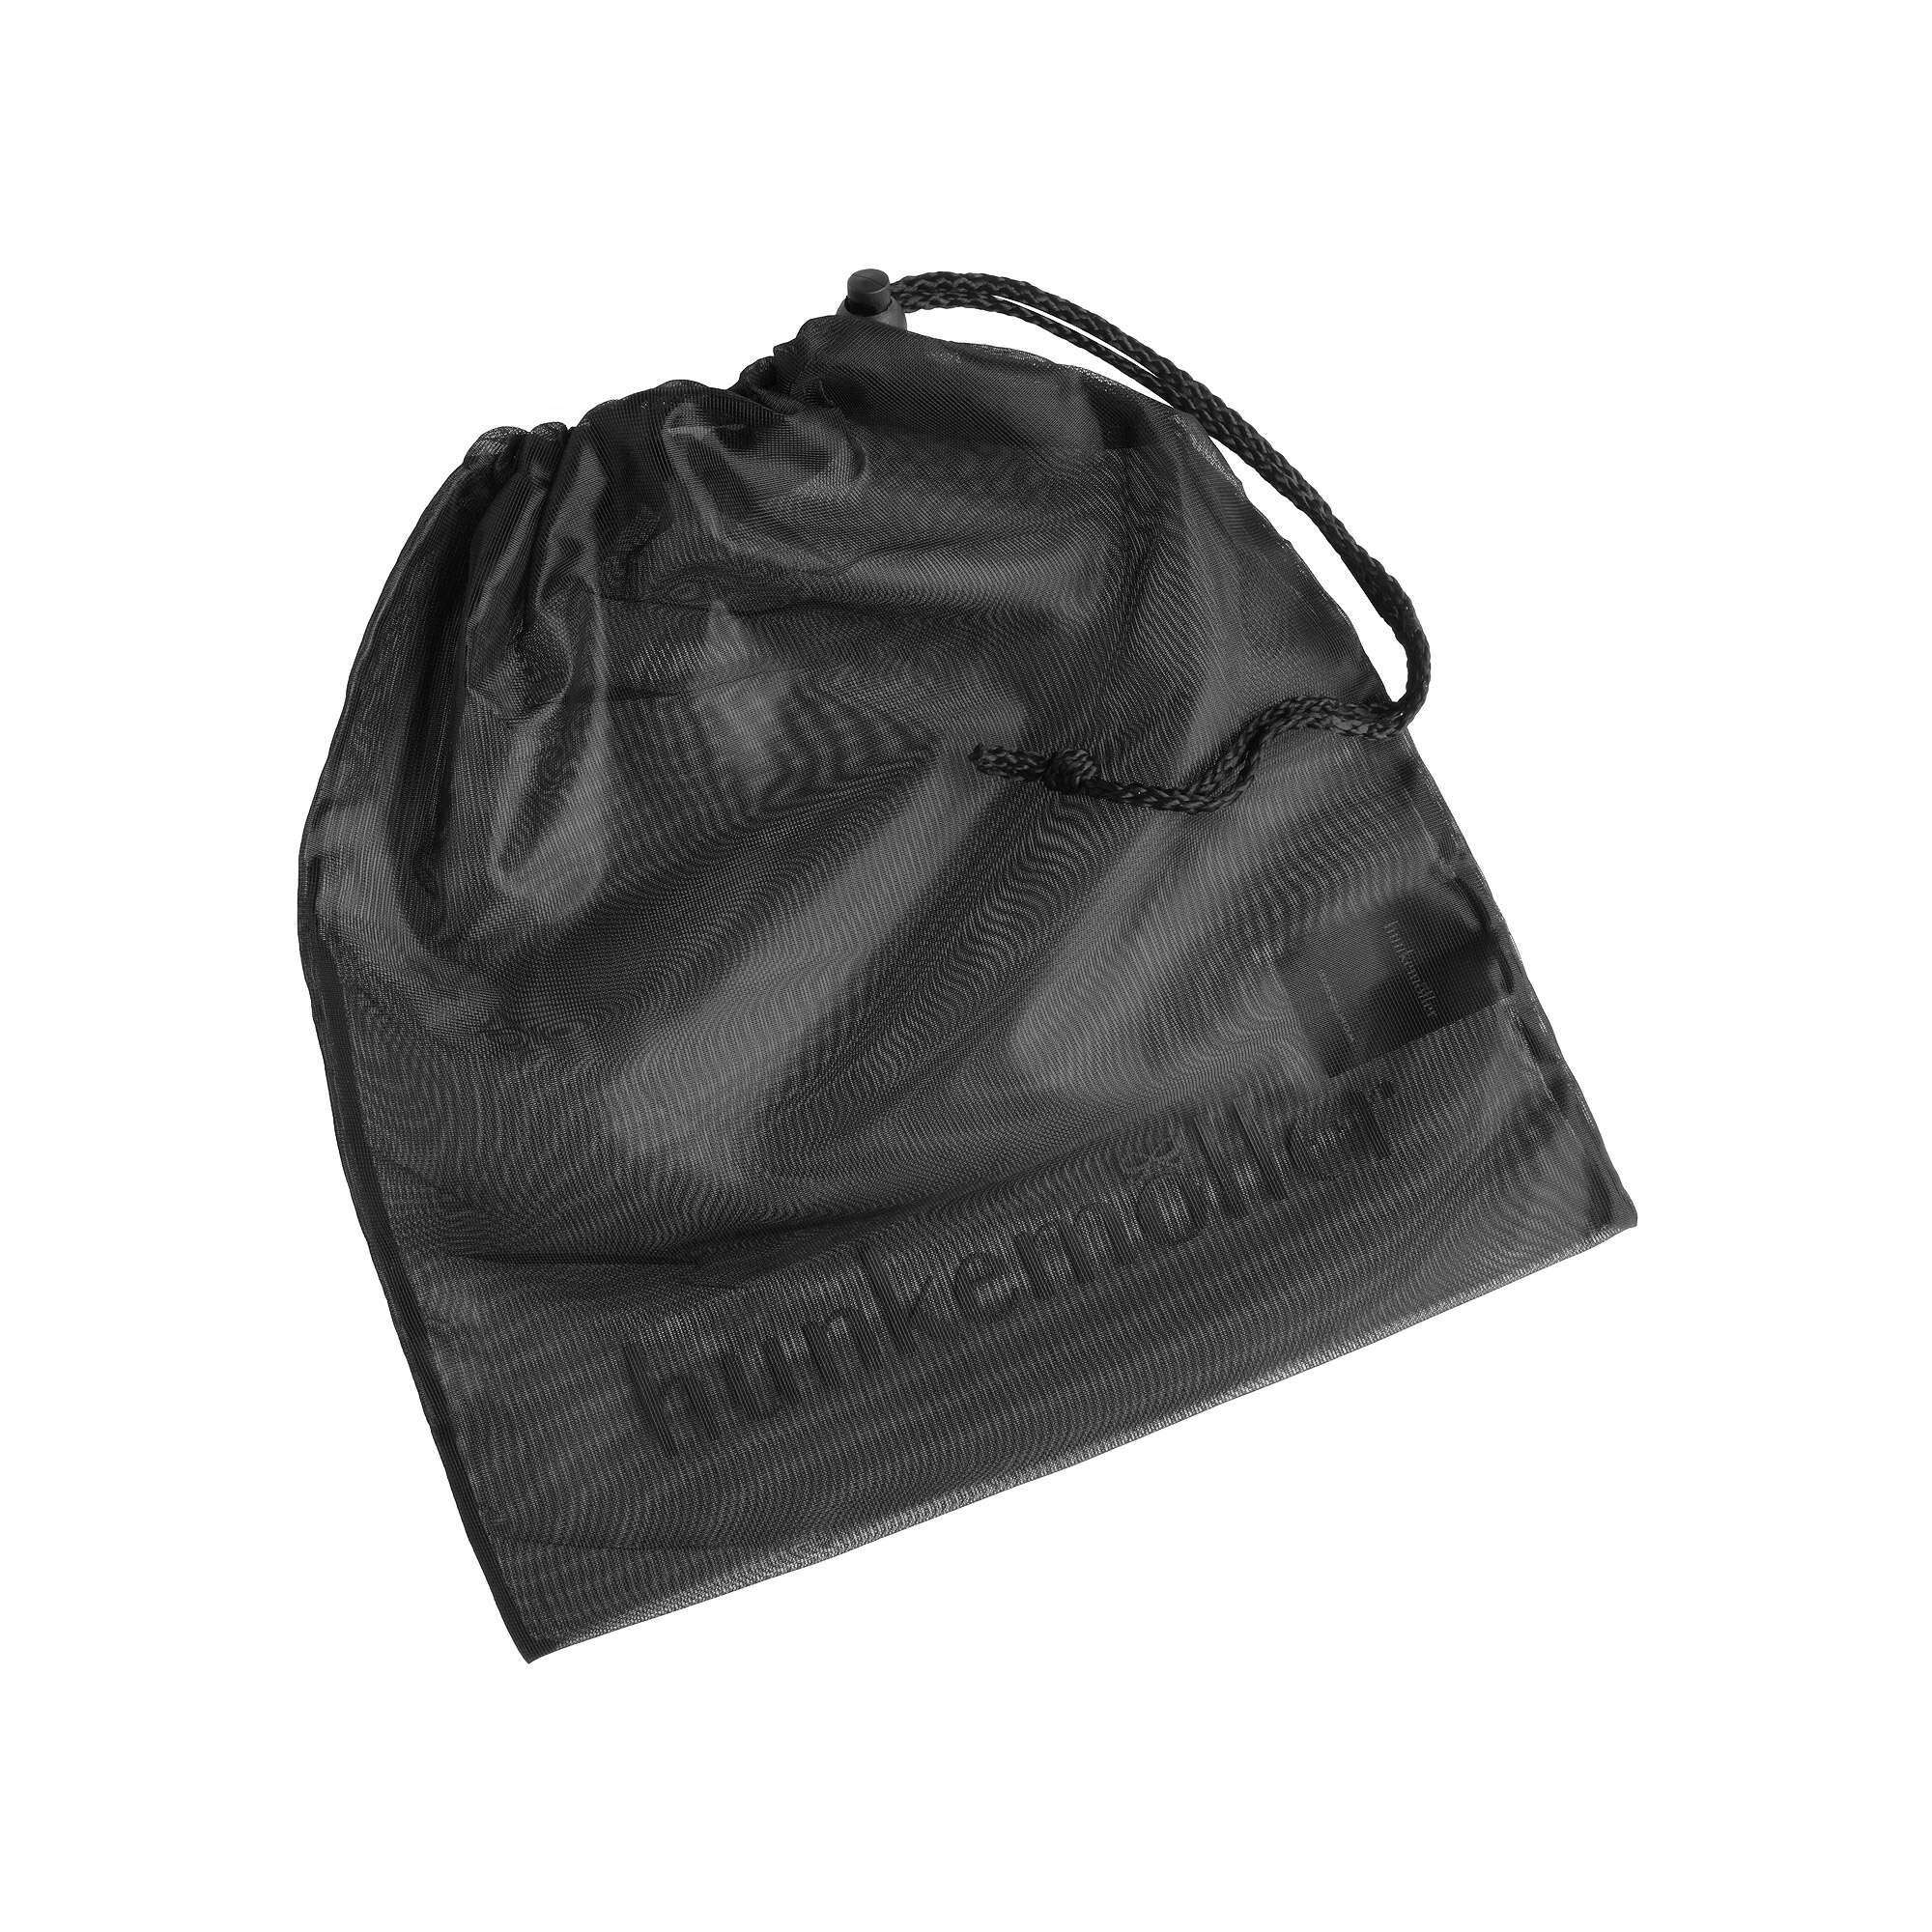 Bolsa para el lavado prendas delicadas cordón, Negro, main